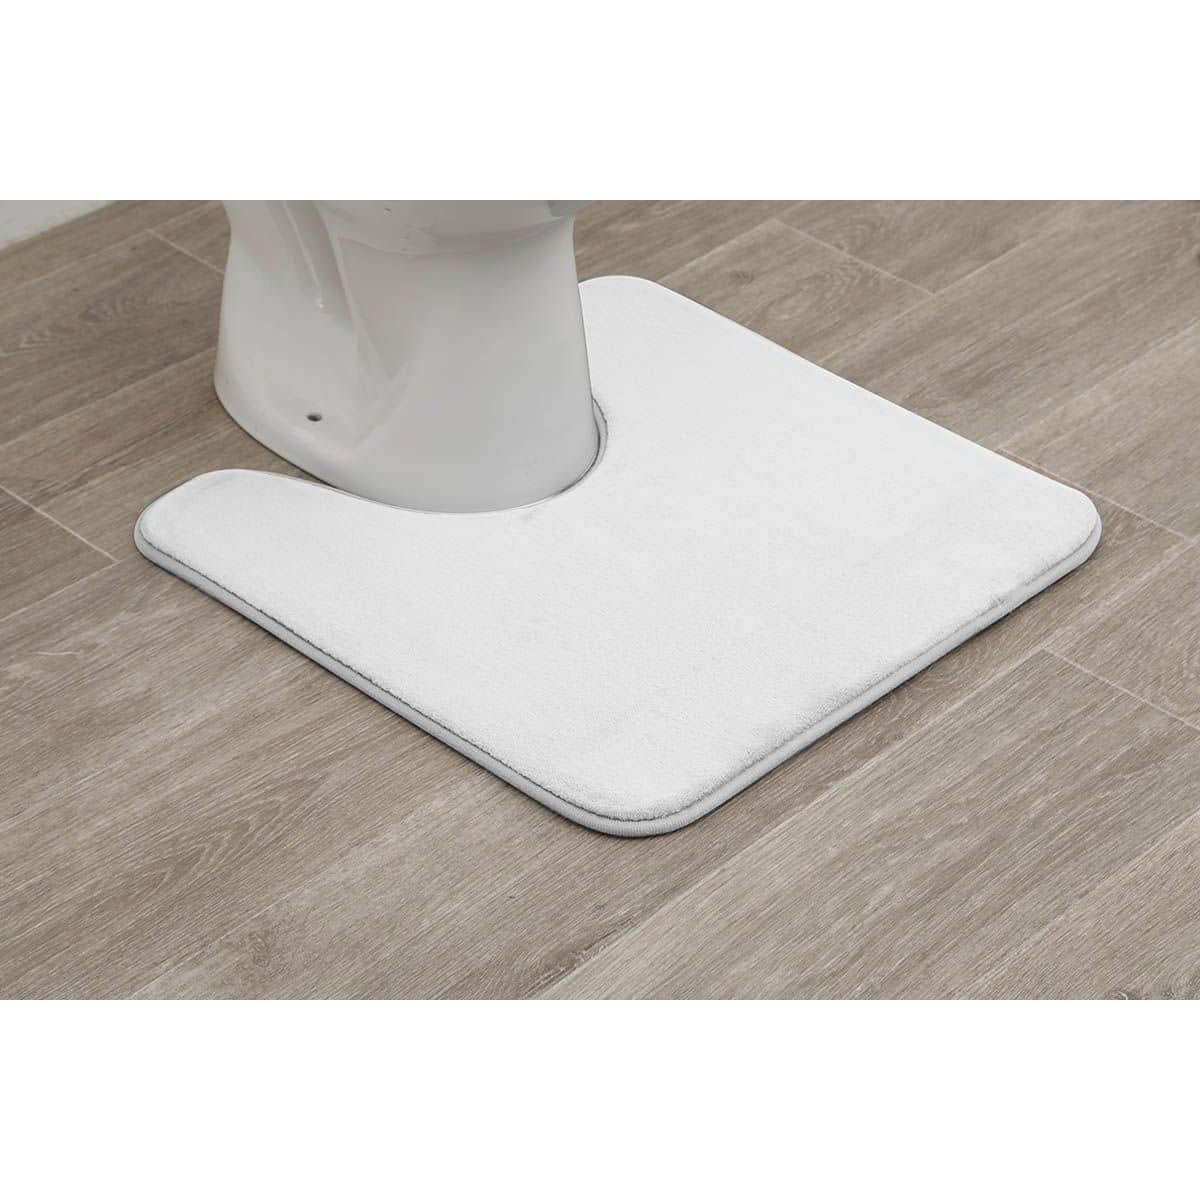 4goodz Toiletmat Basic polyester 50x50 cm - Wit